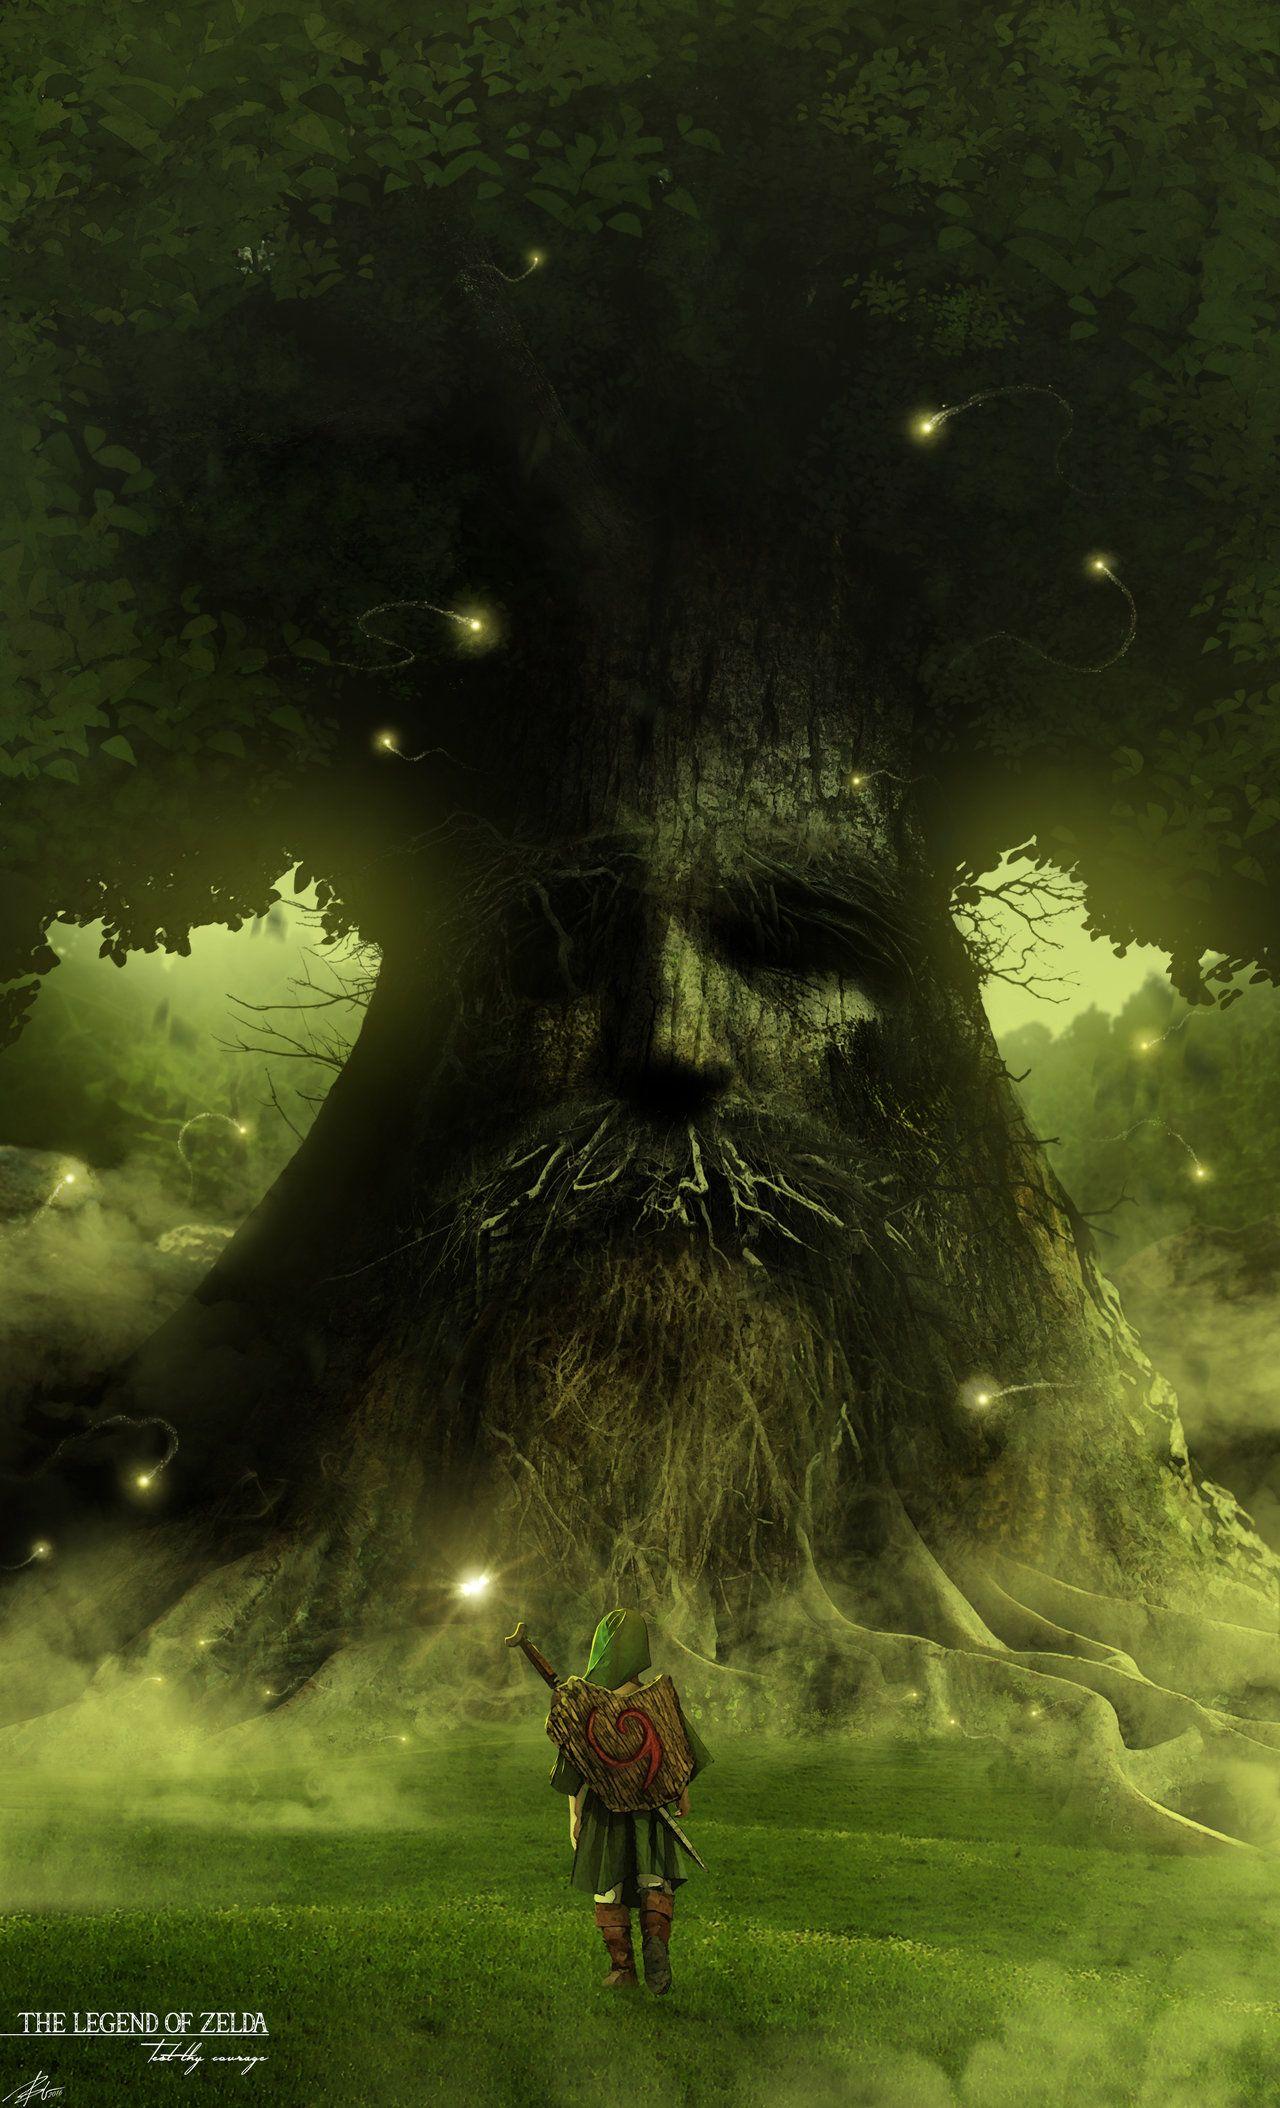 The Legend of Zelda: Test thy courage by BradyGoldsmith.deviantart.com on @DeviantArt